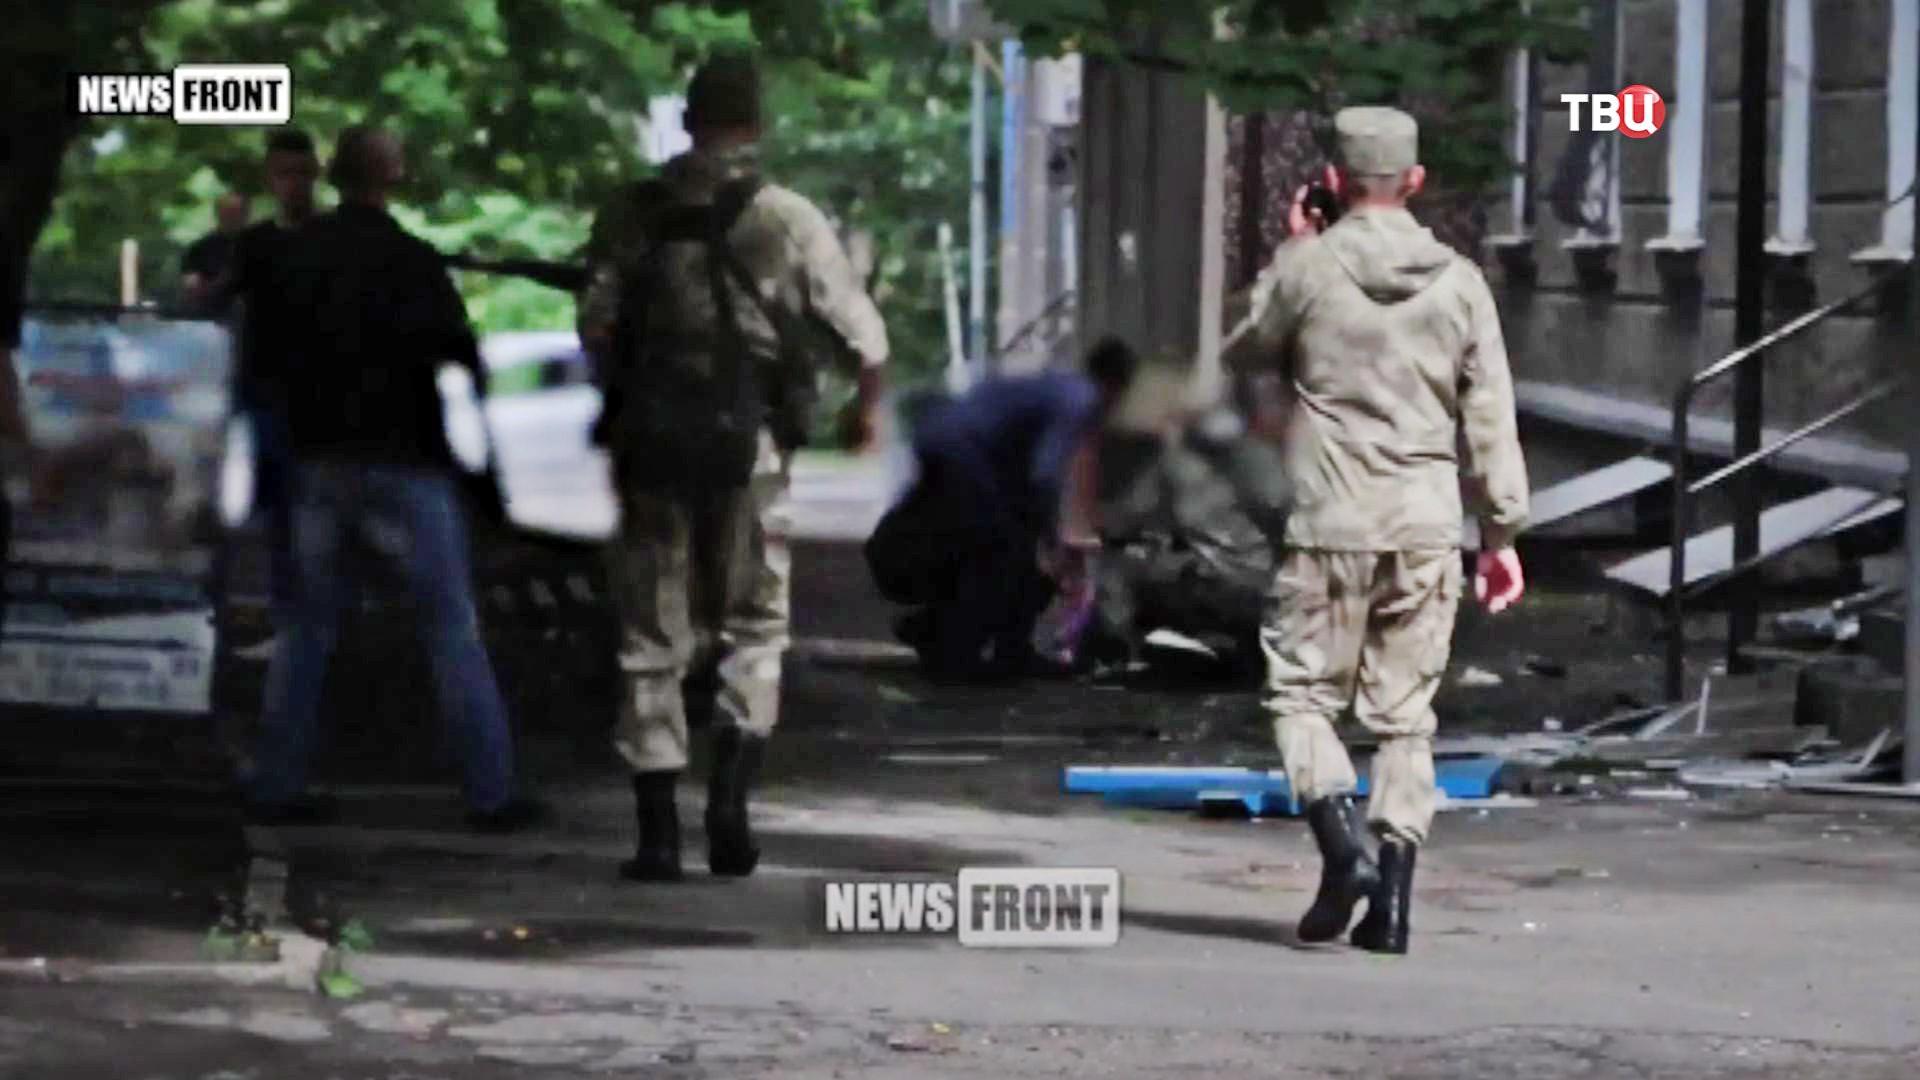 Плотницкий: После терактов вЛуганске спецслужбы работают вусиленном режиме